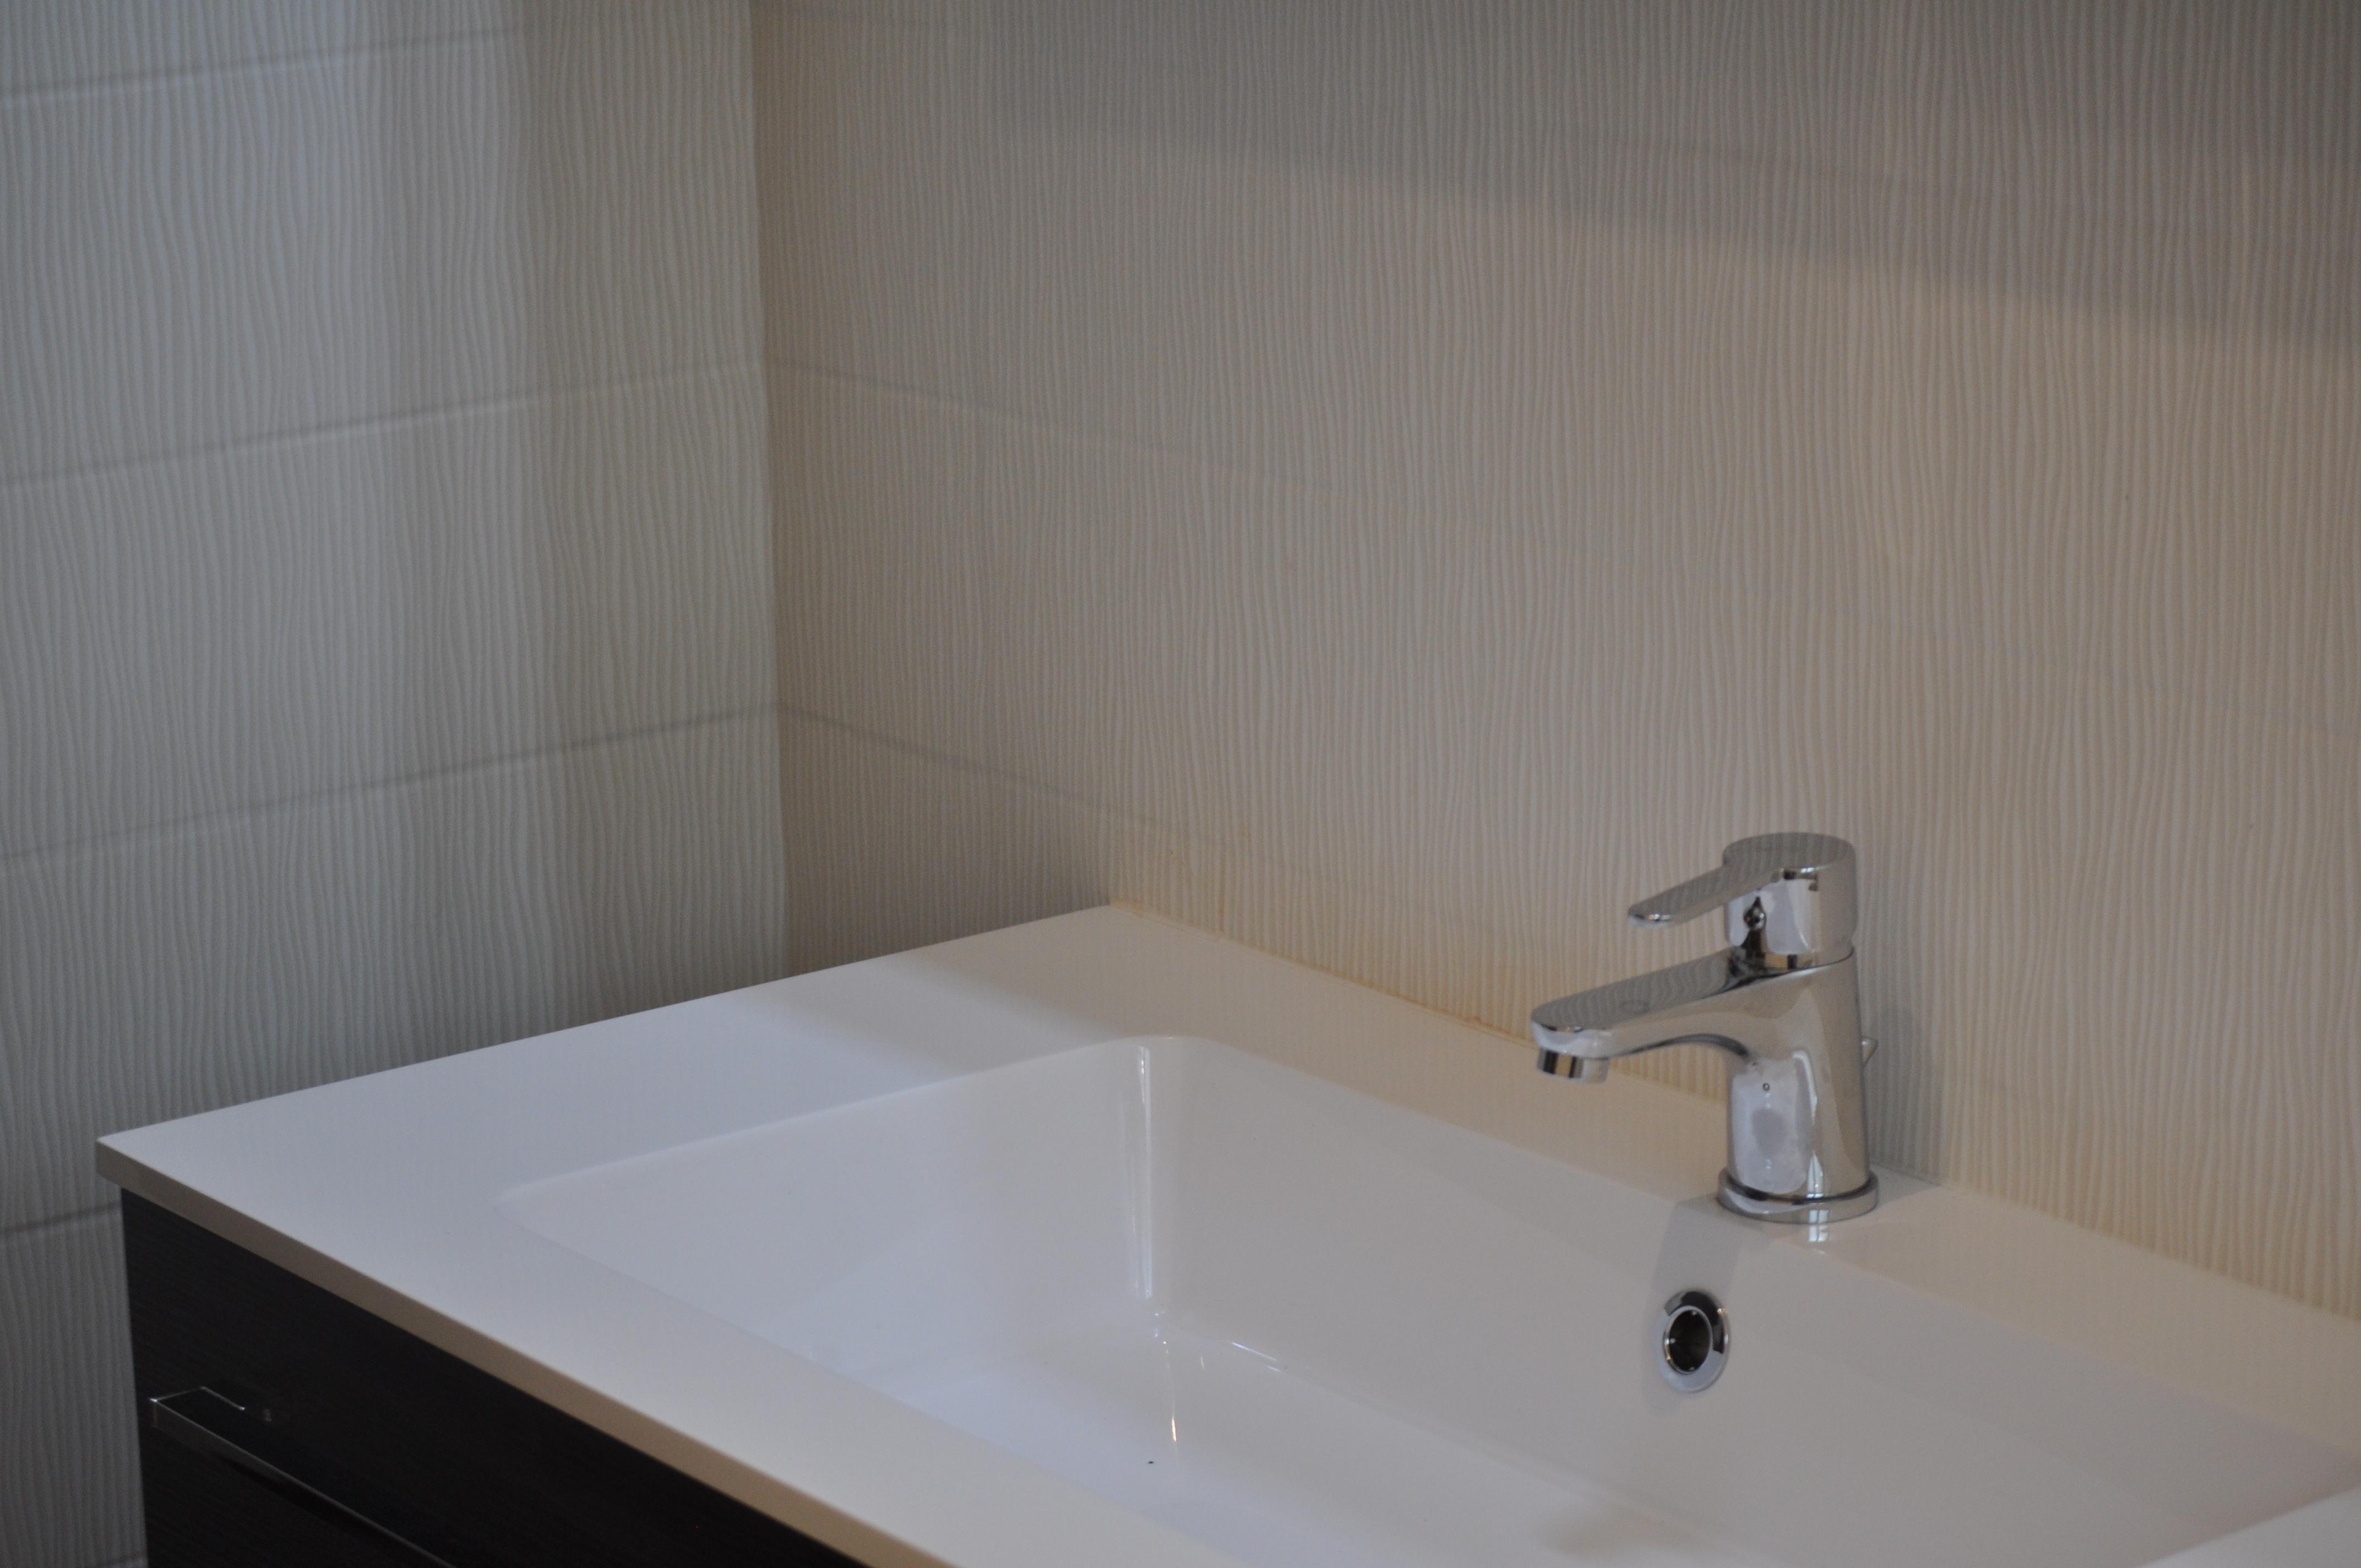 Riqualifica pareti bagni